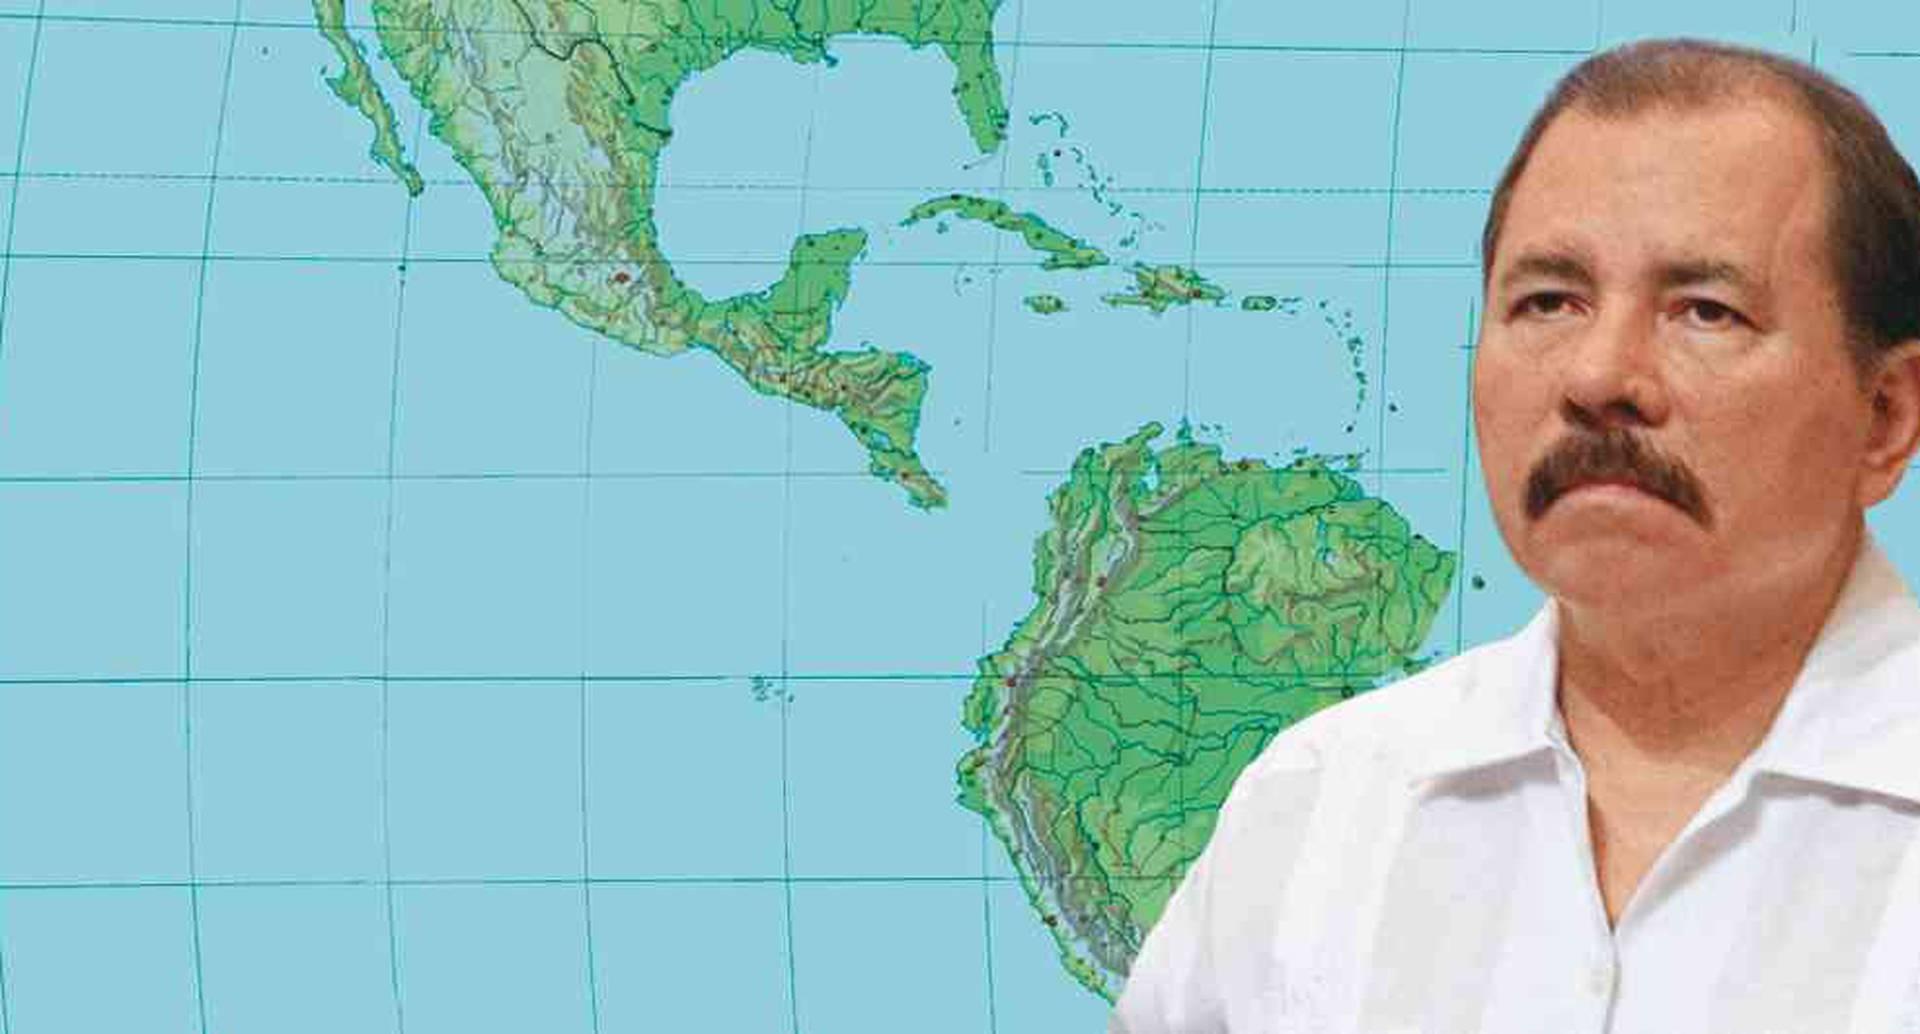 Daniel Ortega, presidente de nicaragua, liberó algunos de los presos políticos que mantiene su régimen.